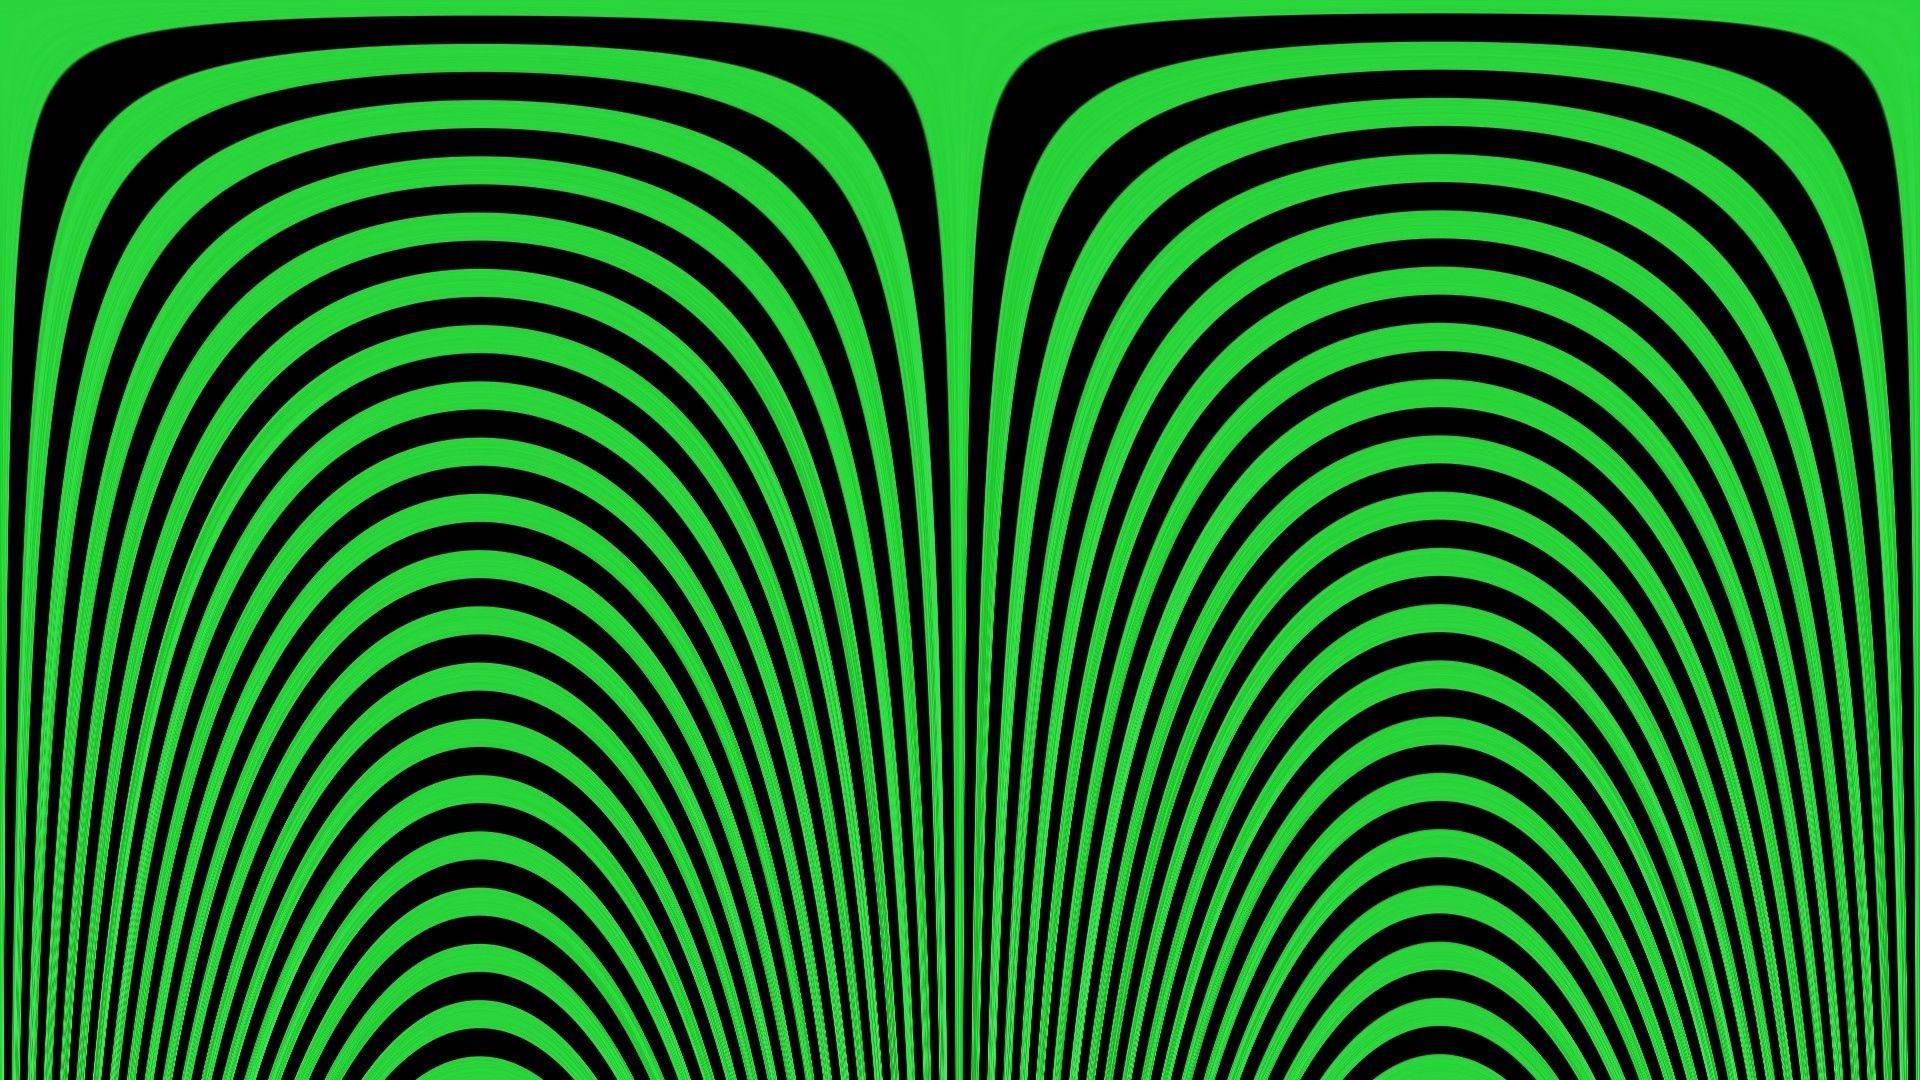 Illusion PC Wallpaper